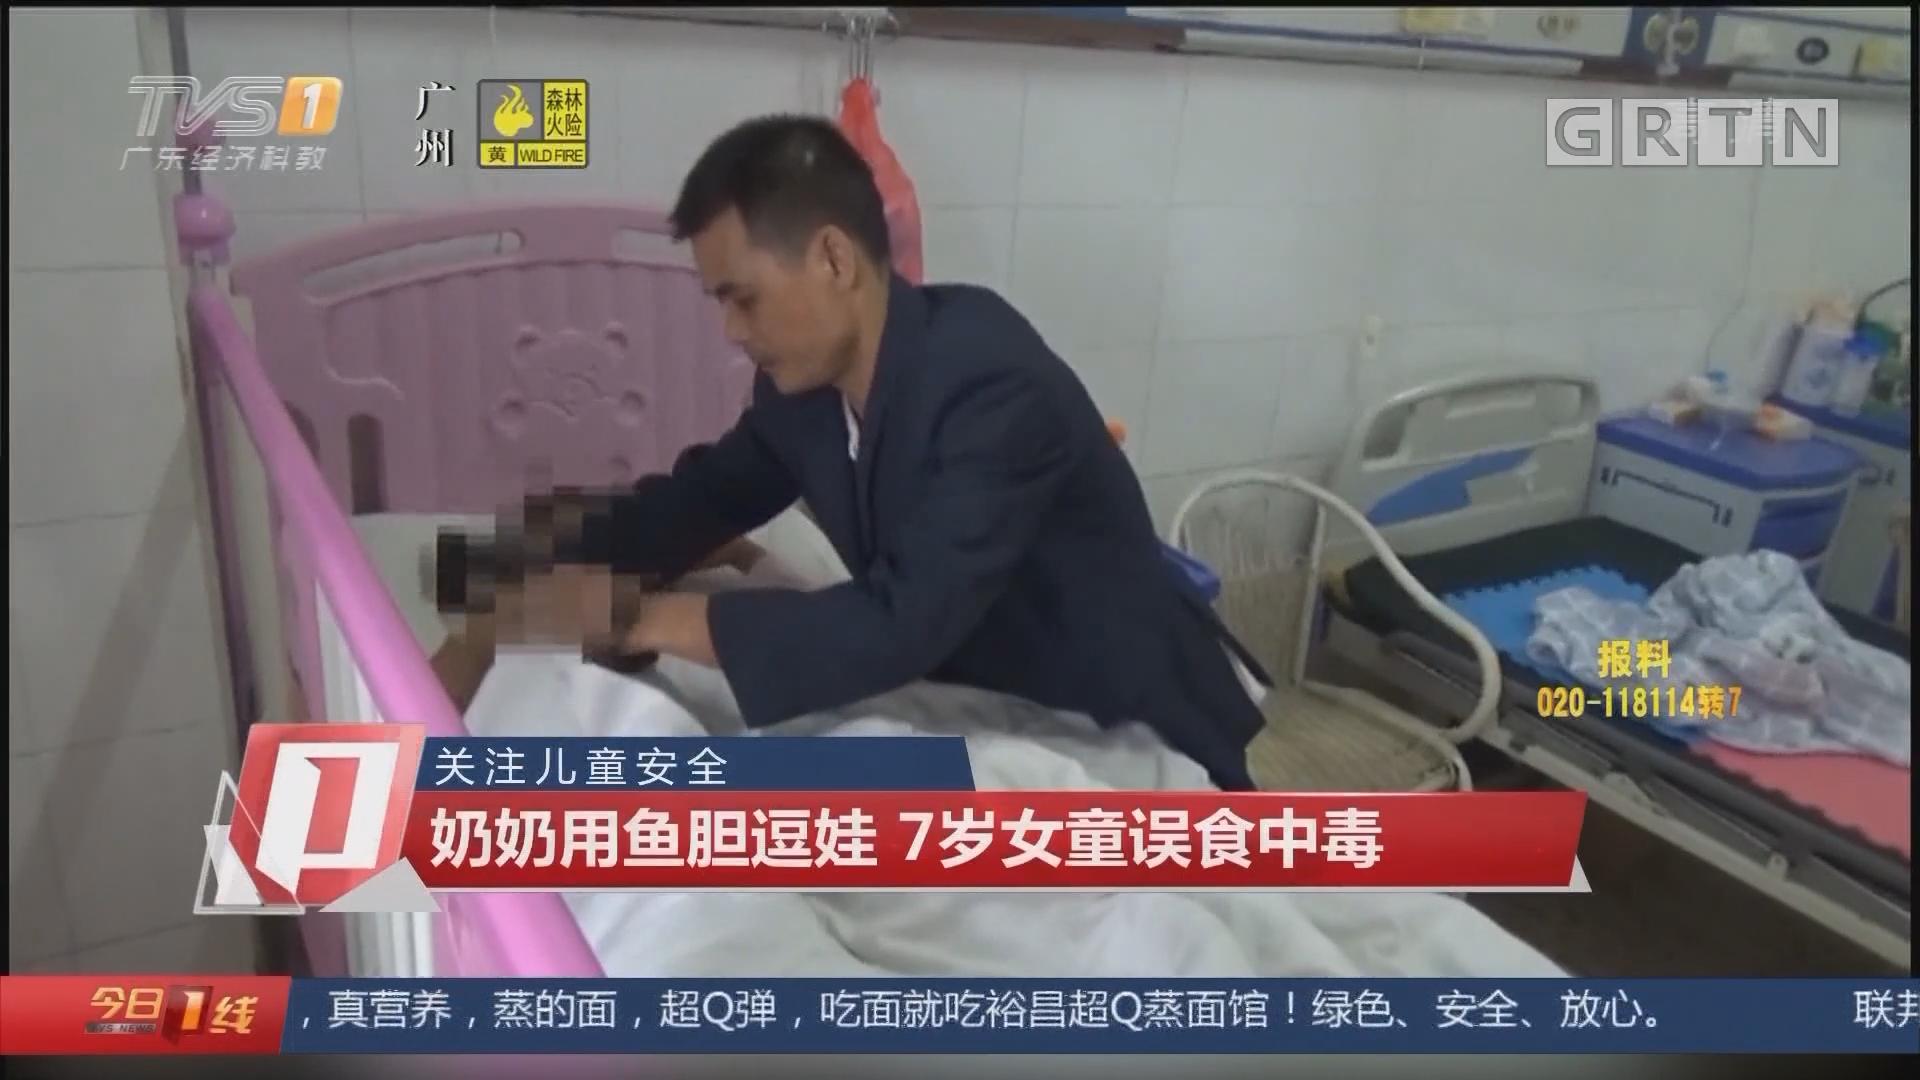 关注儿童安全:奶奶用鱼胆逗娃 7岁女童误食中毒